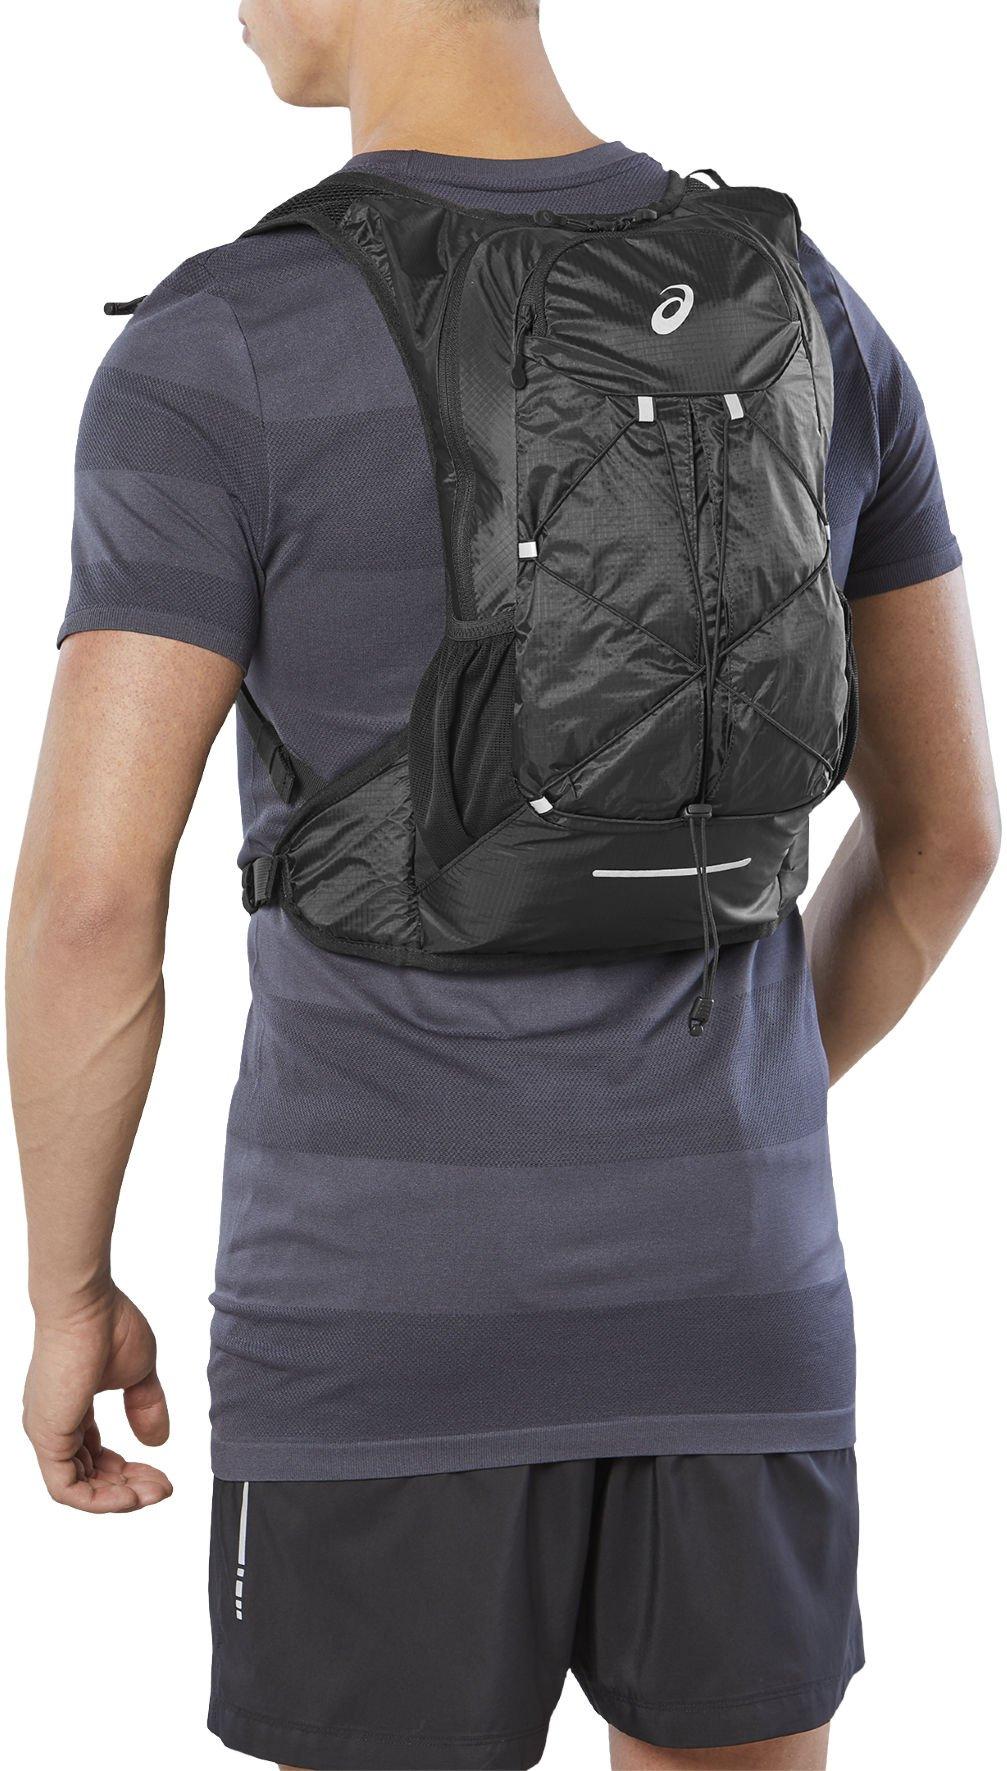 Backpack Asics LIGHTWEIGHT RUNNING BACKPACK